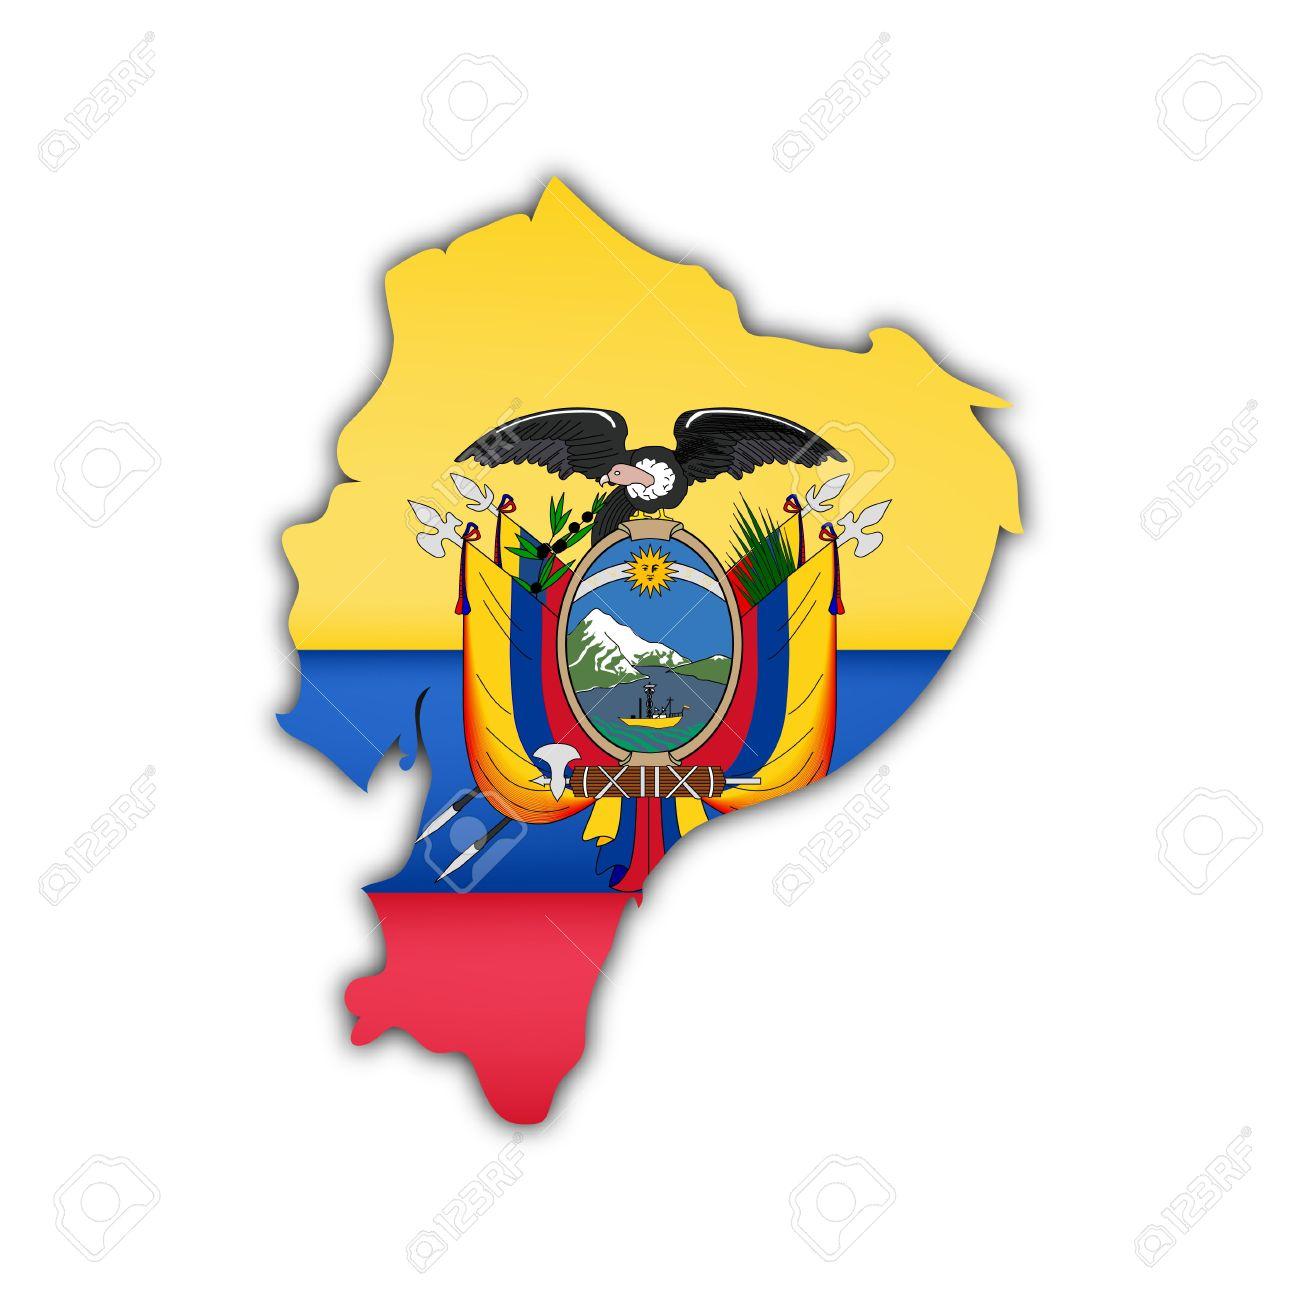 Ecuador Vector Flag Map And Flag of Ecuador With